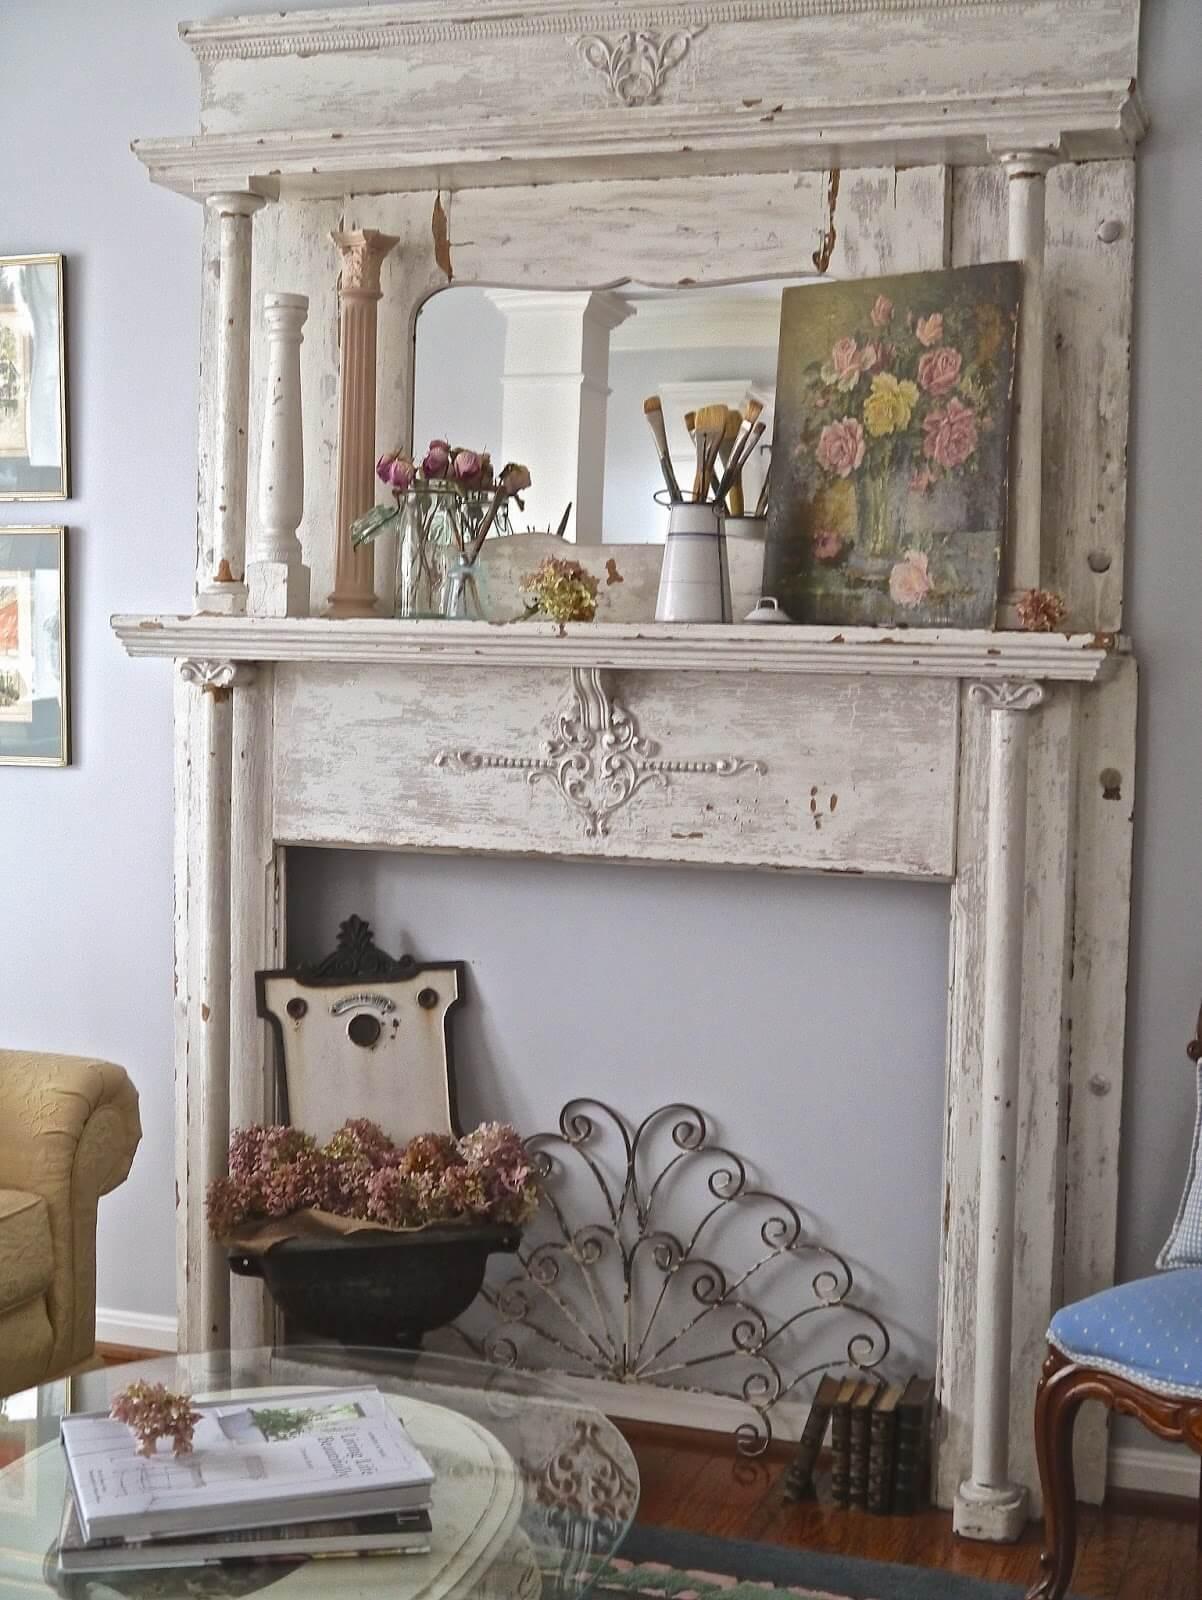 Pièce de cheminée en bois délabré avec peinture